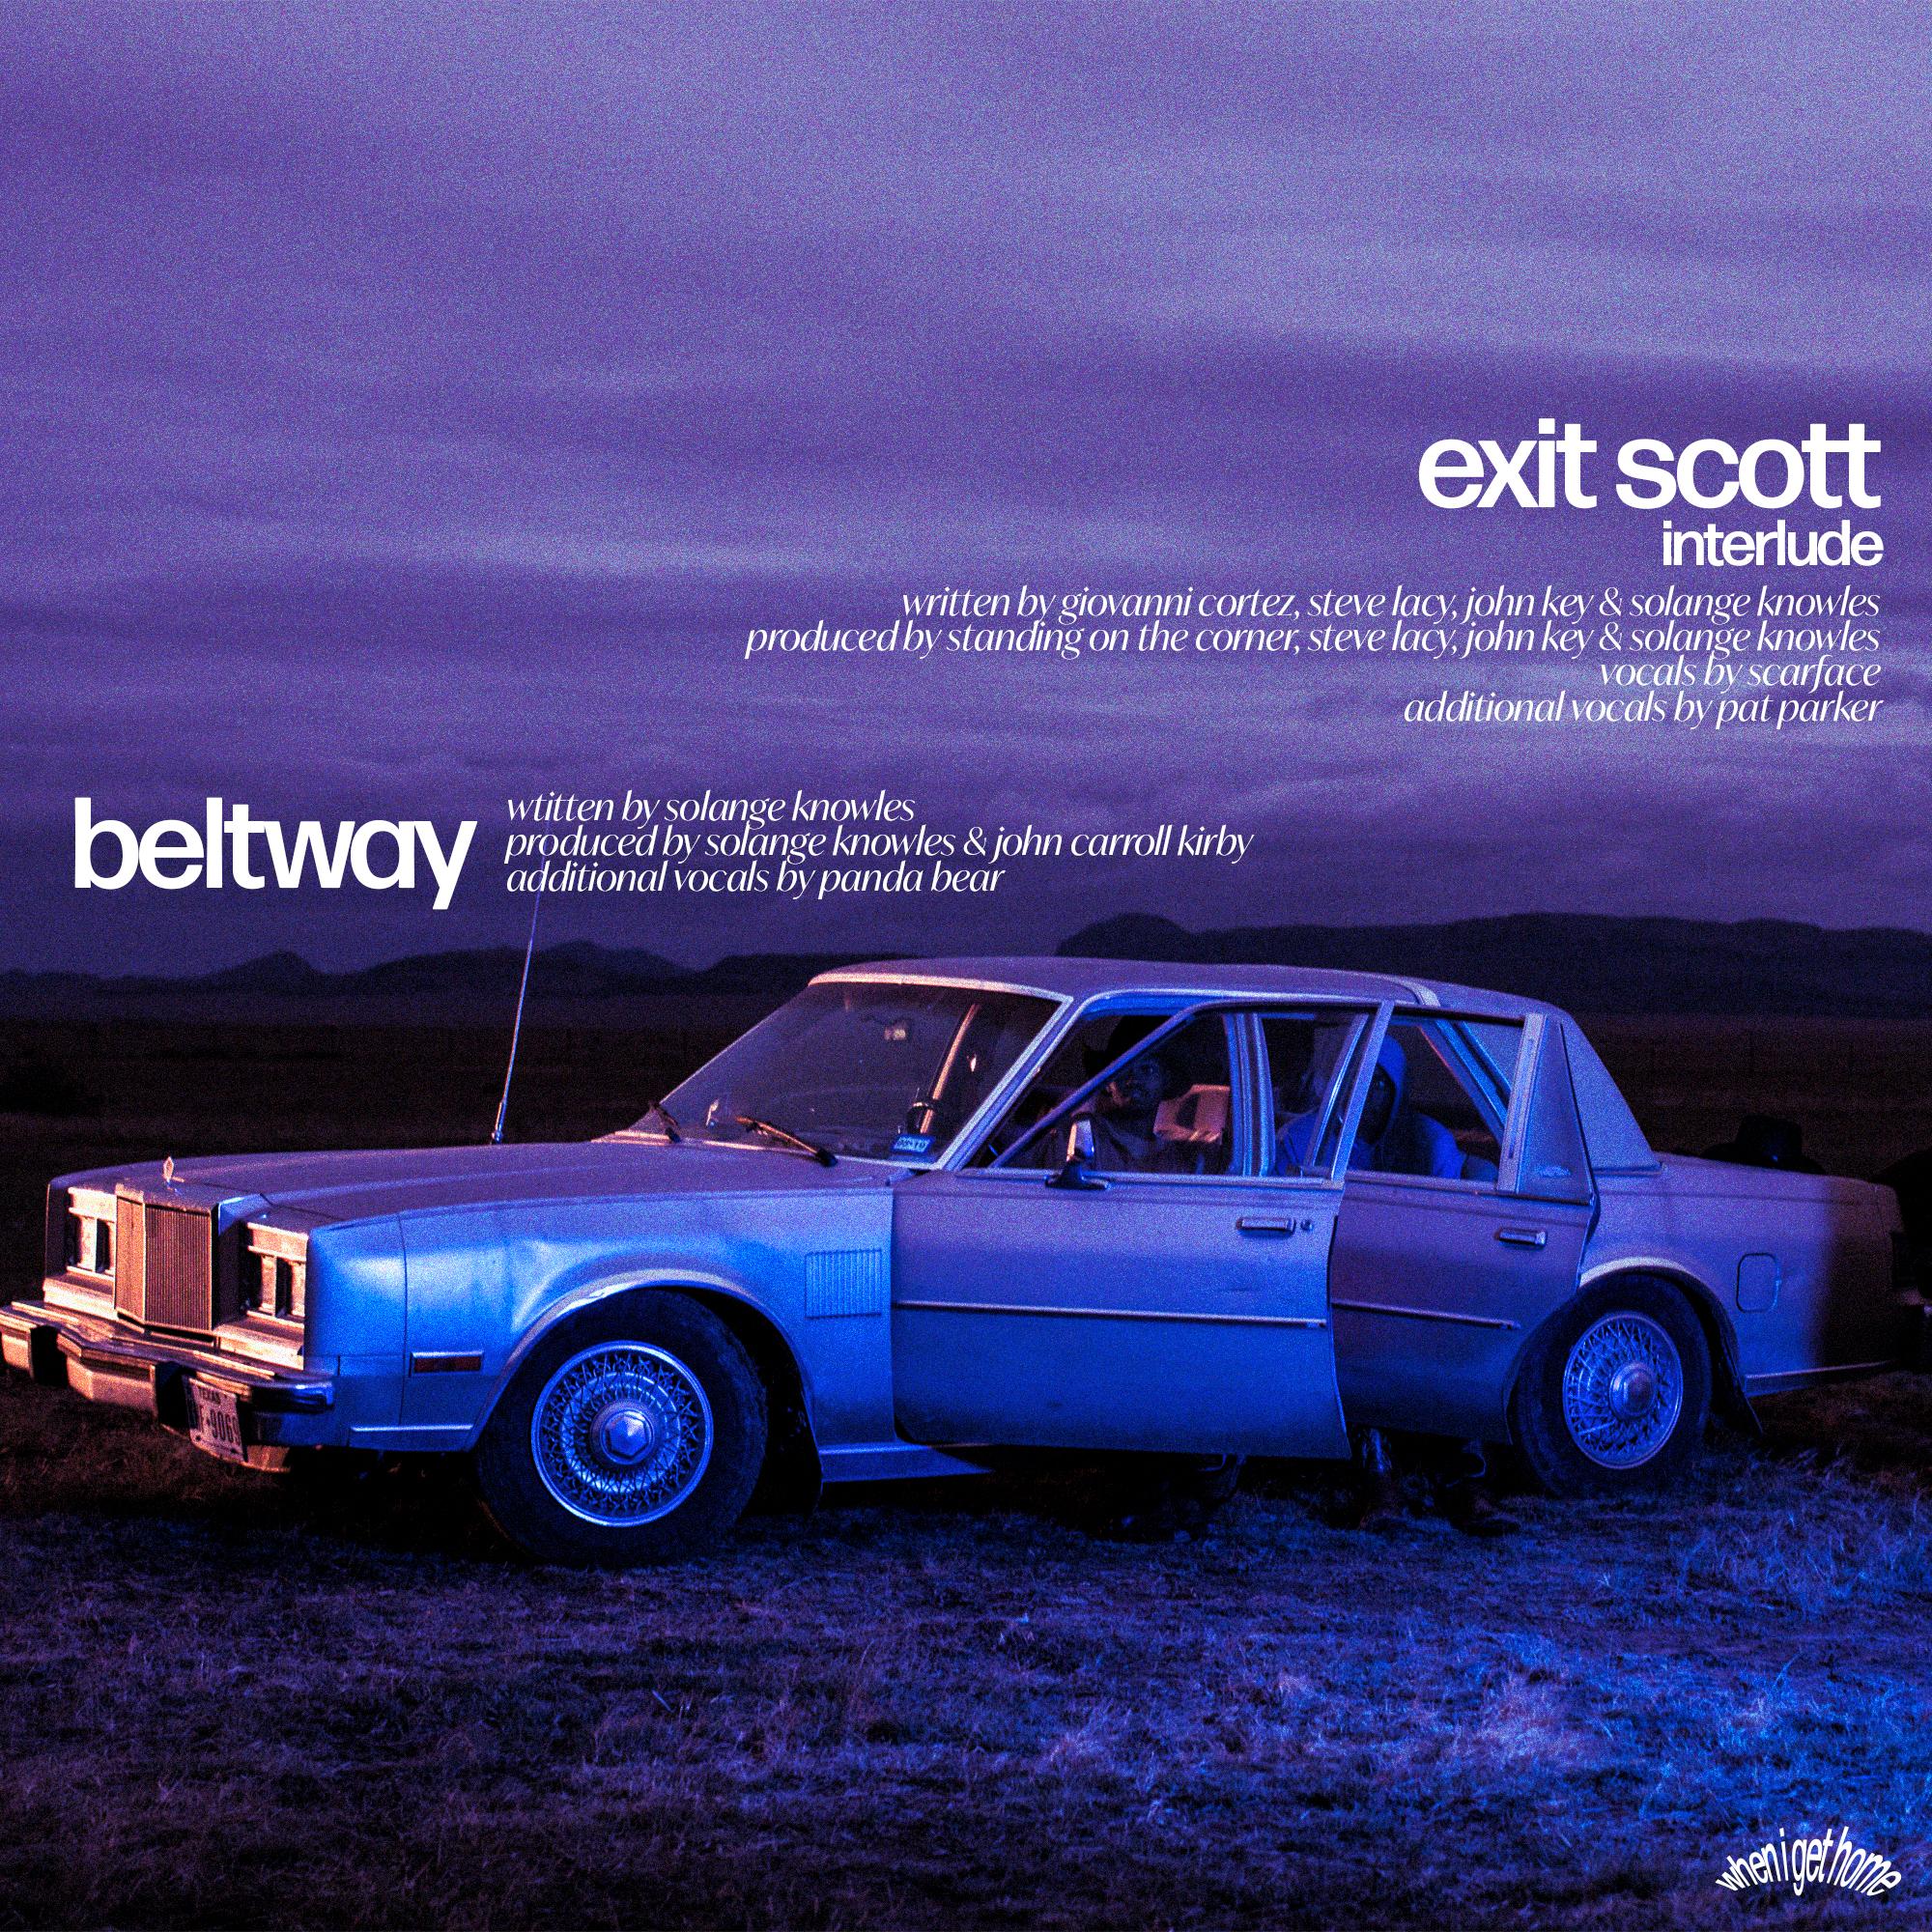 11. beltway exit scott.jpg